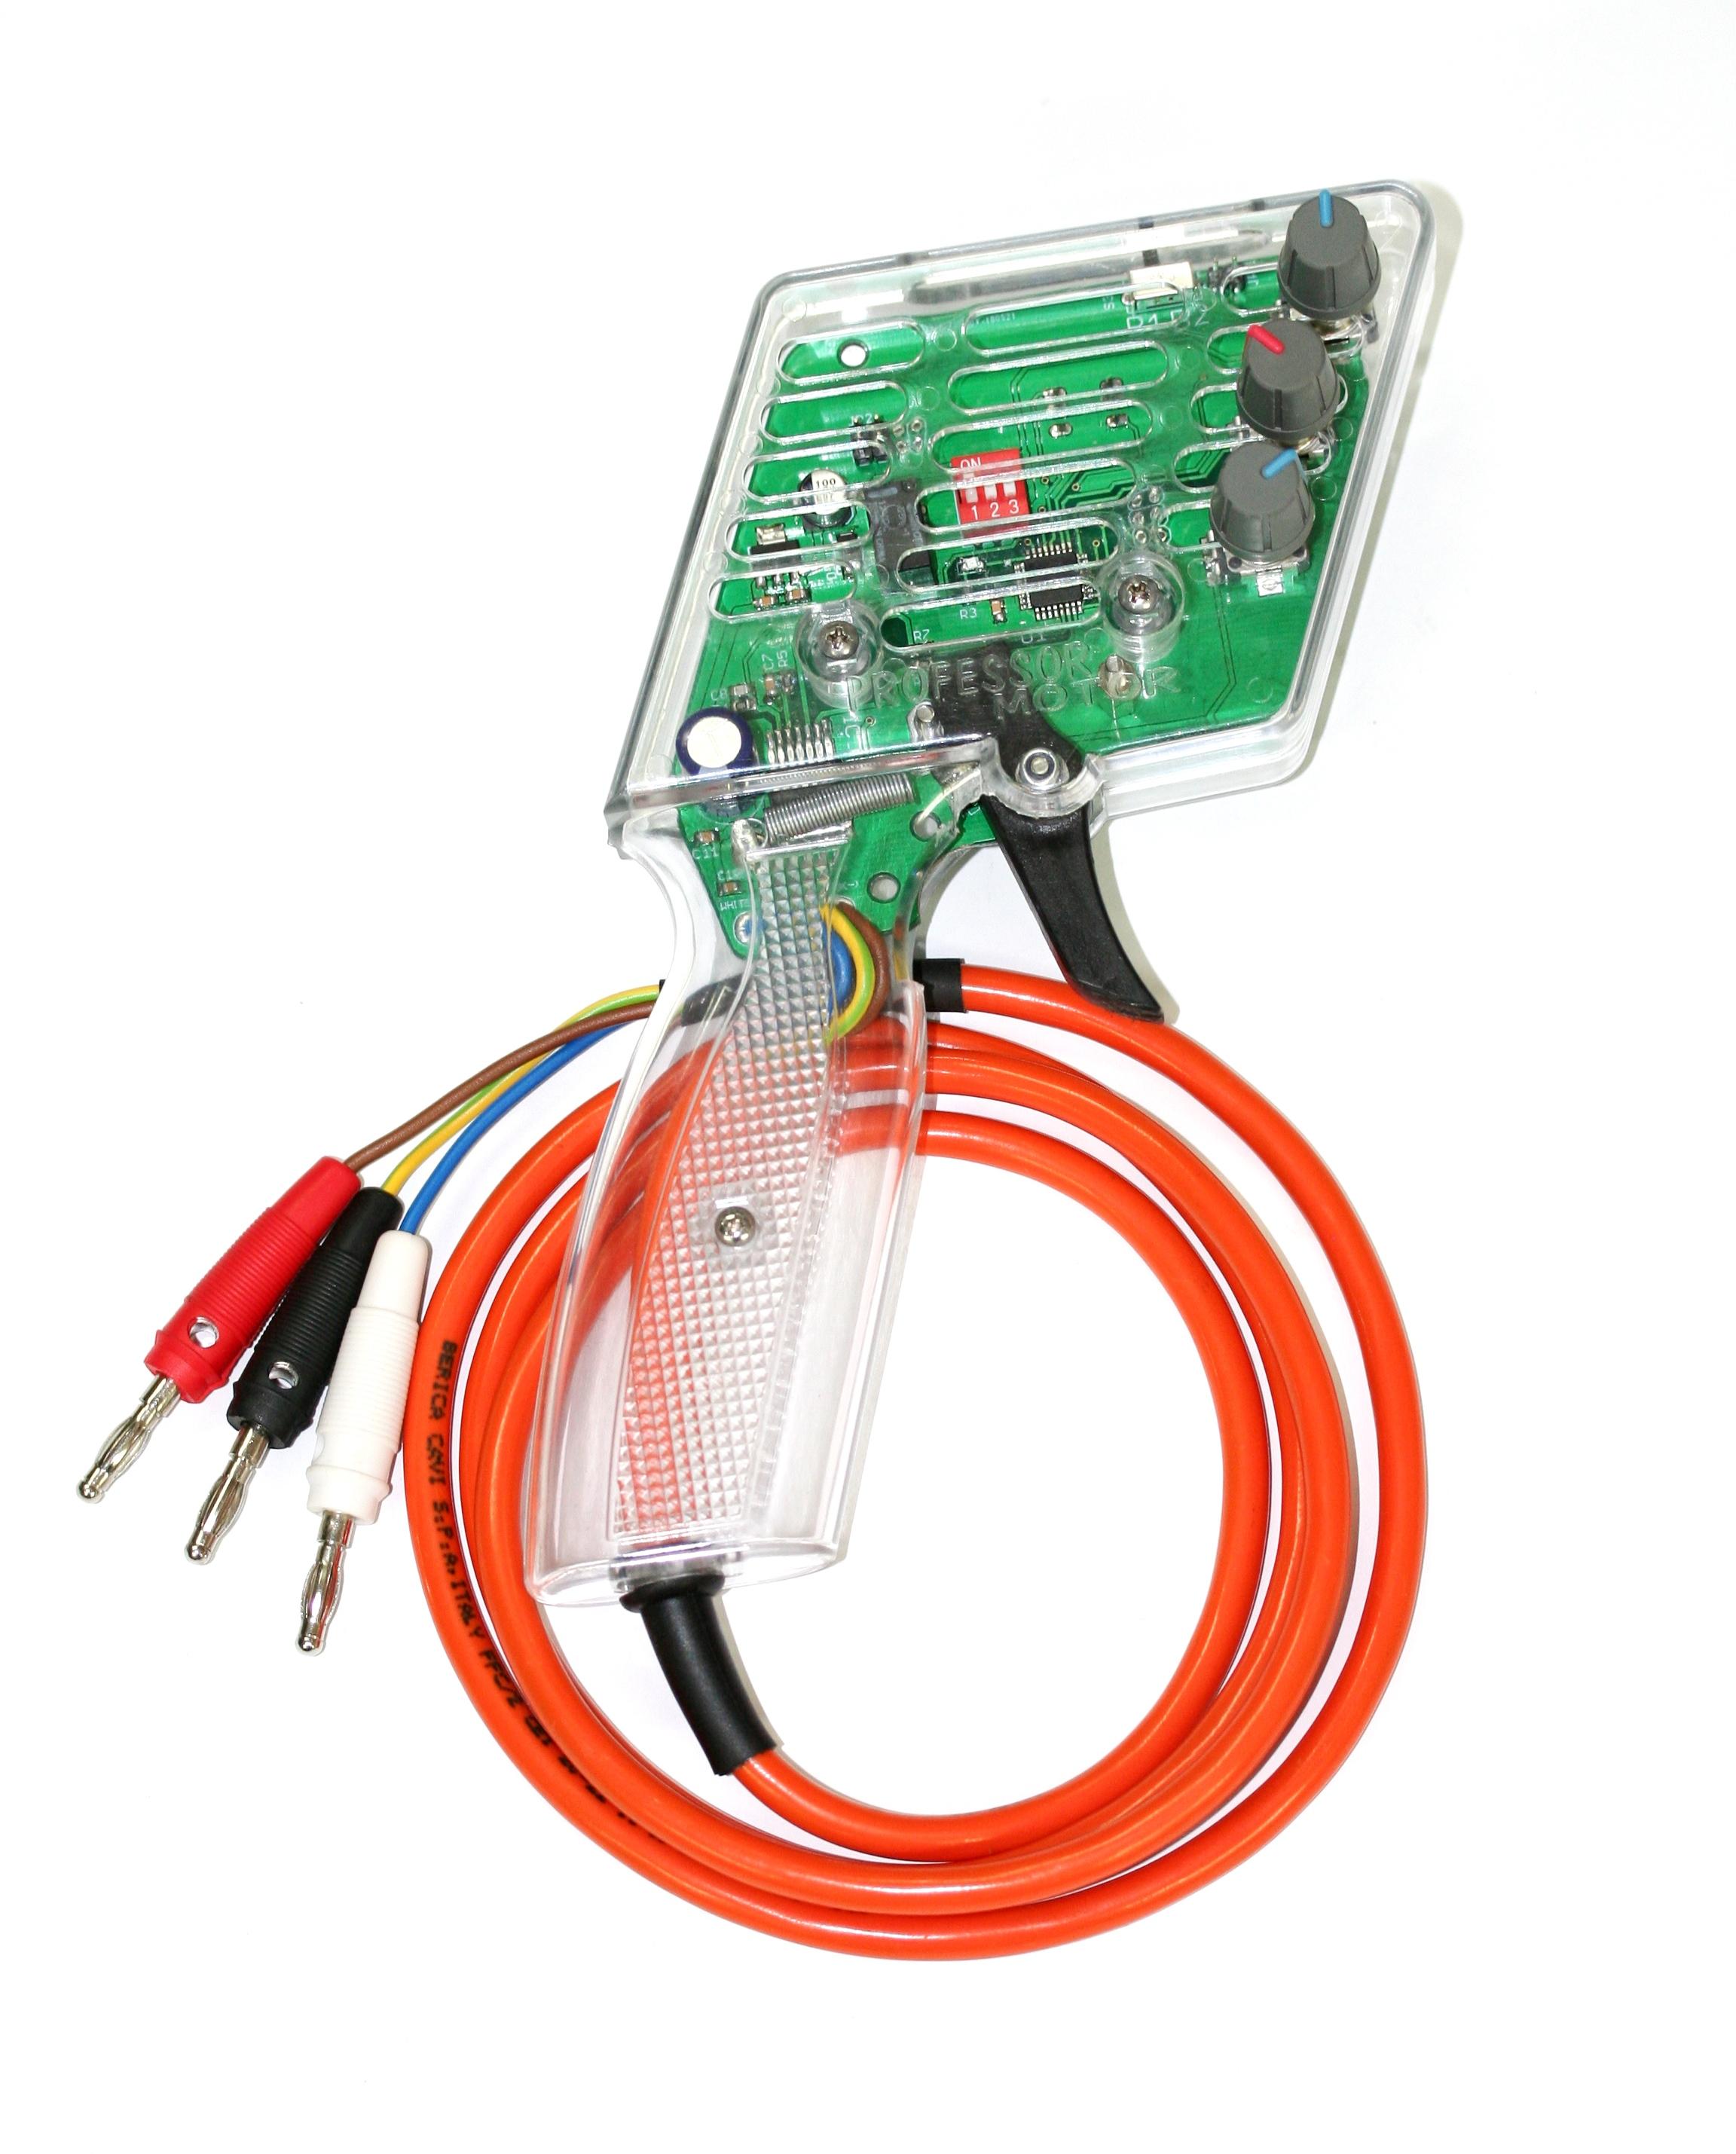 Le contrôleur référence SP130060 Sloting Plus